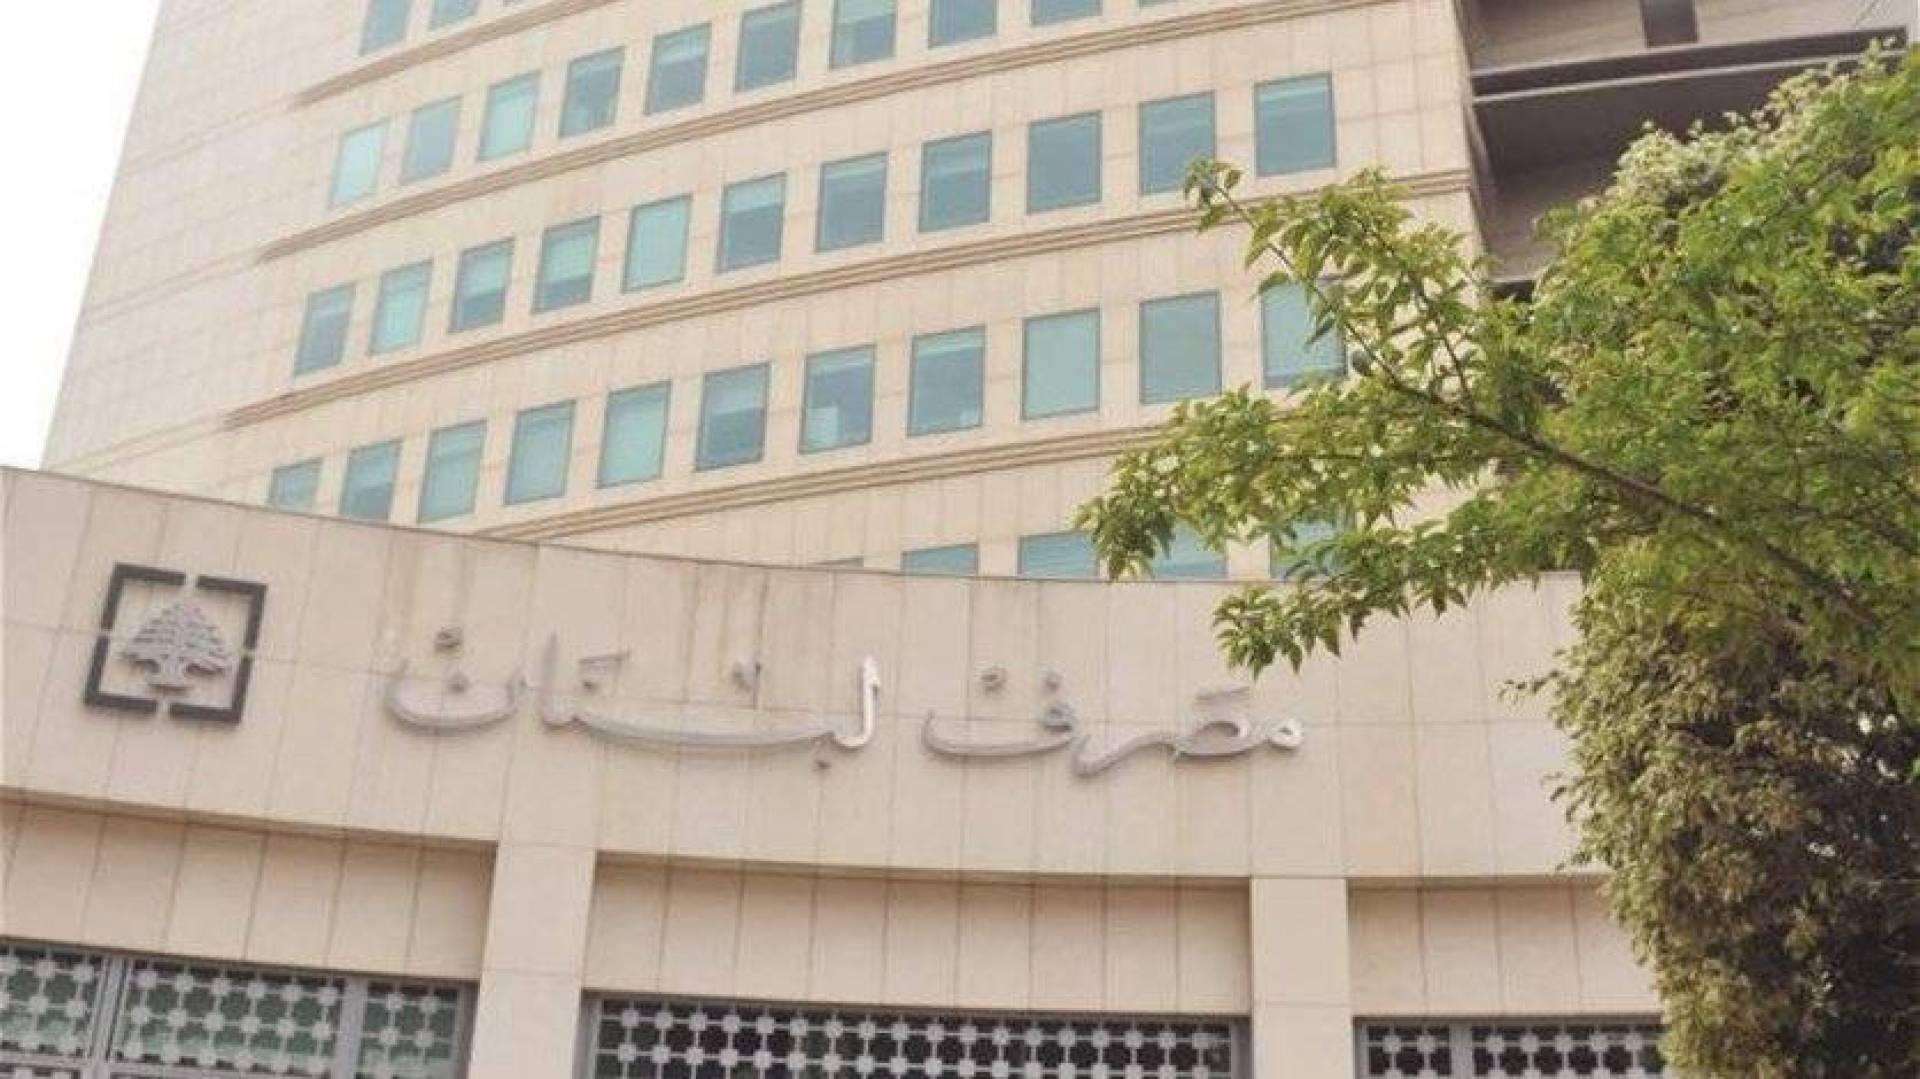 مصرف لبنان: على المصارف اعتبارا من اليوم التقيّد بالحد الاقصى لمعدّل الفائدة بنسبة 5% على الودائع بالعملة الاجنبية و8.5% على الودائع بالليرة اللبنانية